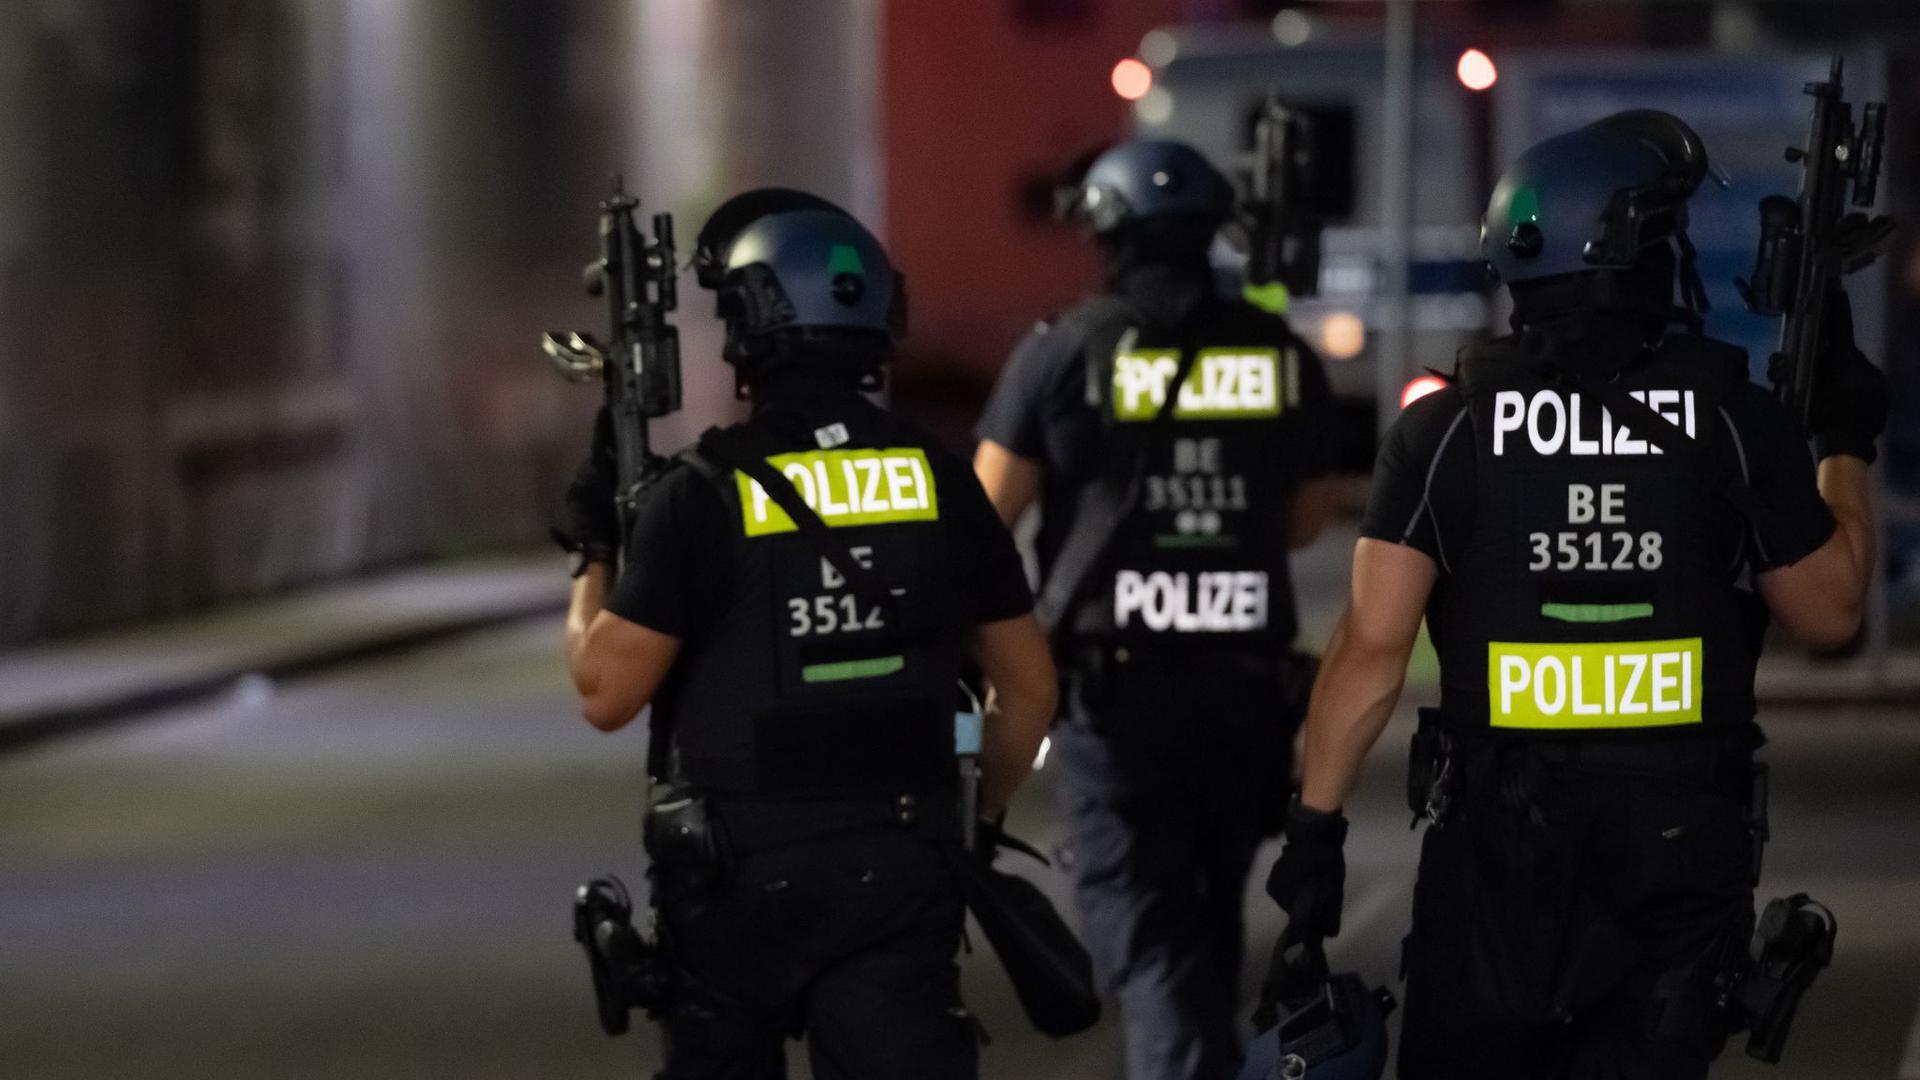 Polizisten mit Maschinenpistolen suchen auf dem Gelände eines Baumarktes in Berlin-Wedding nach Verdächtigen.